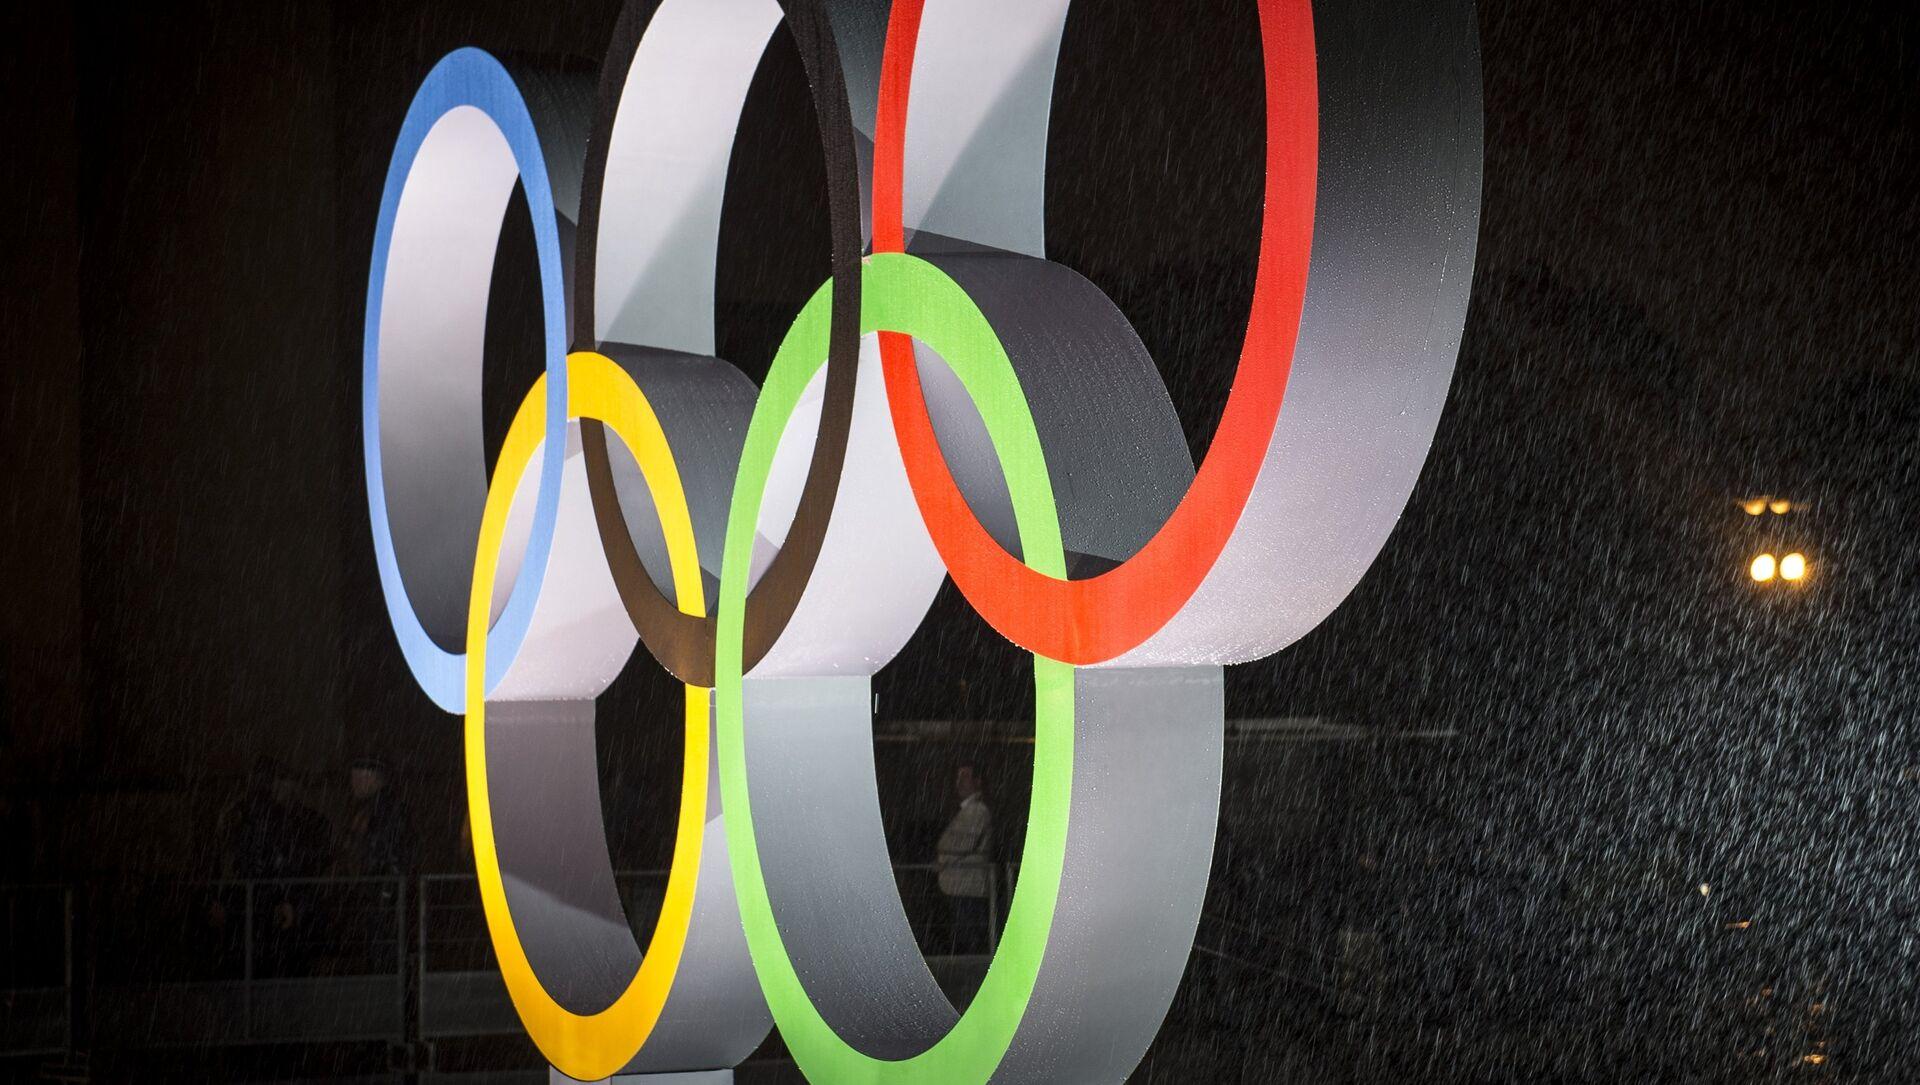 Anillos olímpicos - Sputnik Mundo, 1920, 16.10.2020